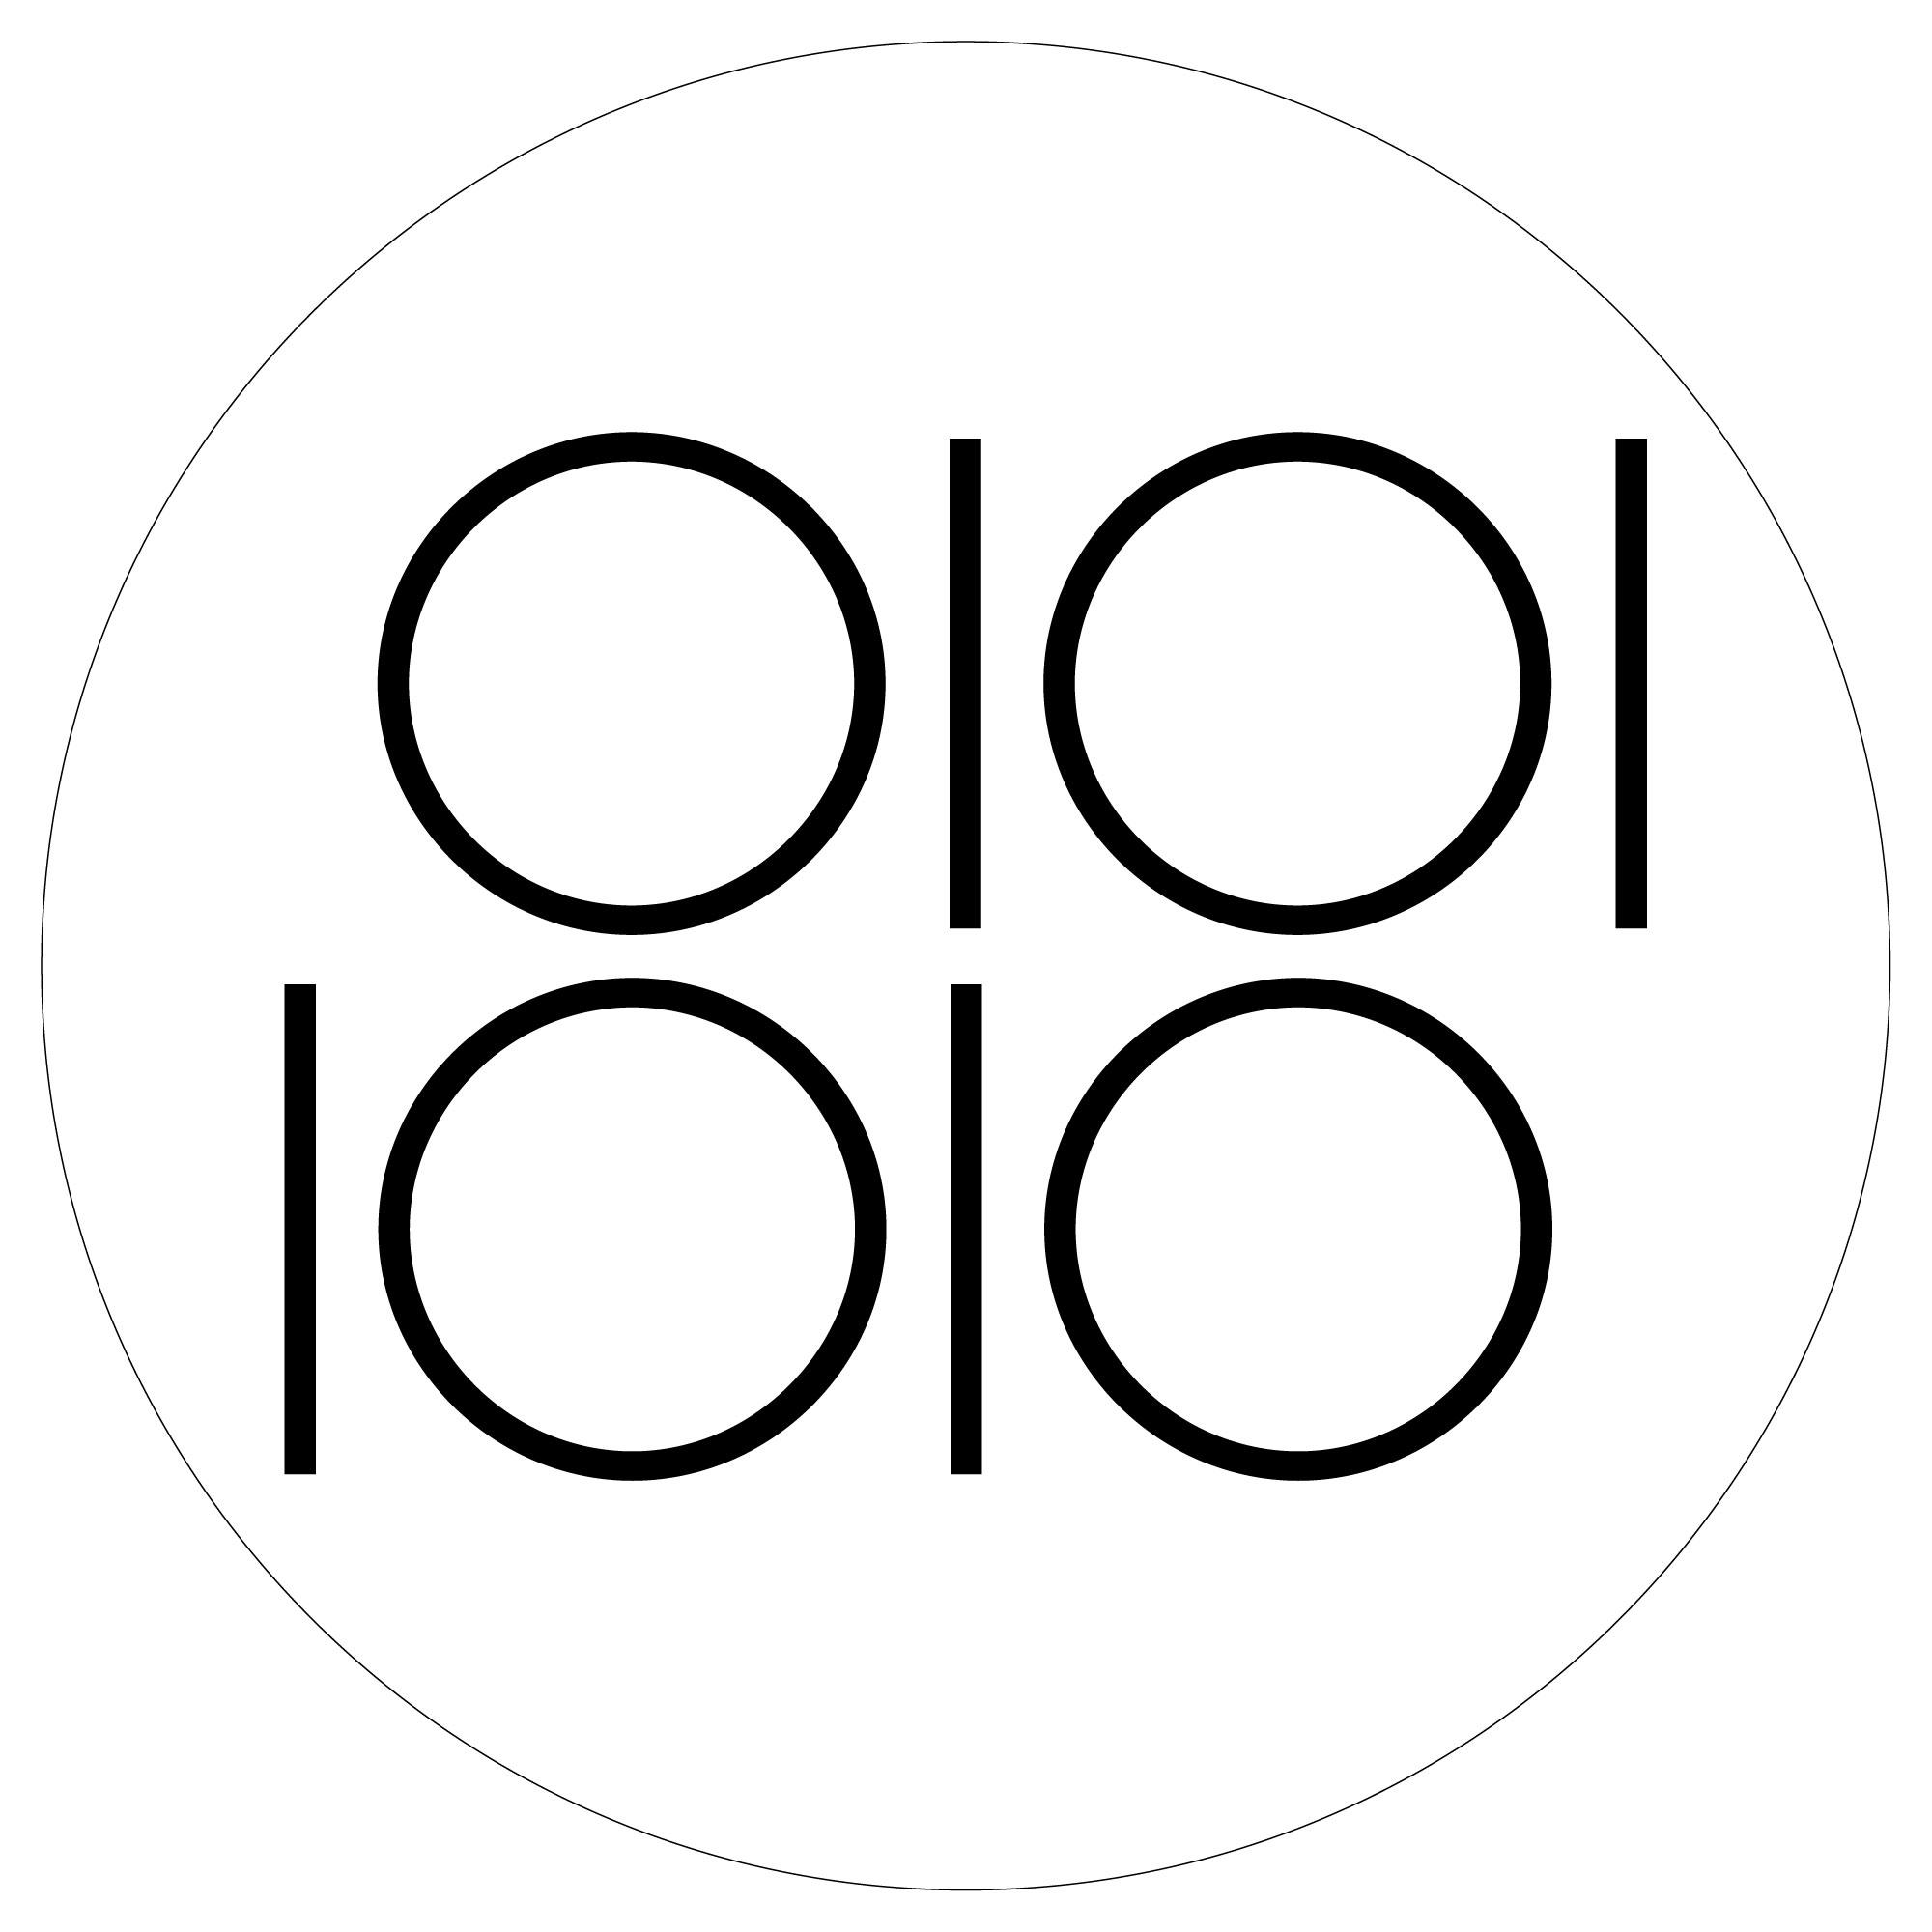 OIOIOIOI Projekt's Signature